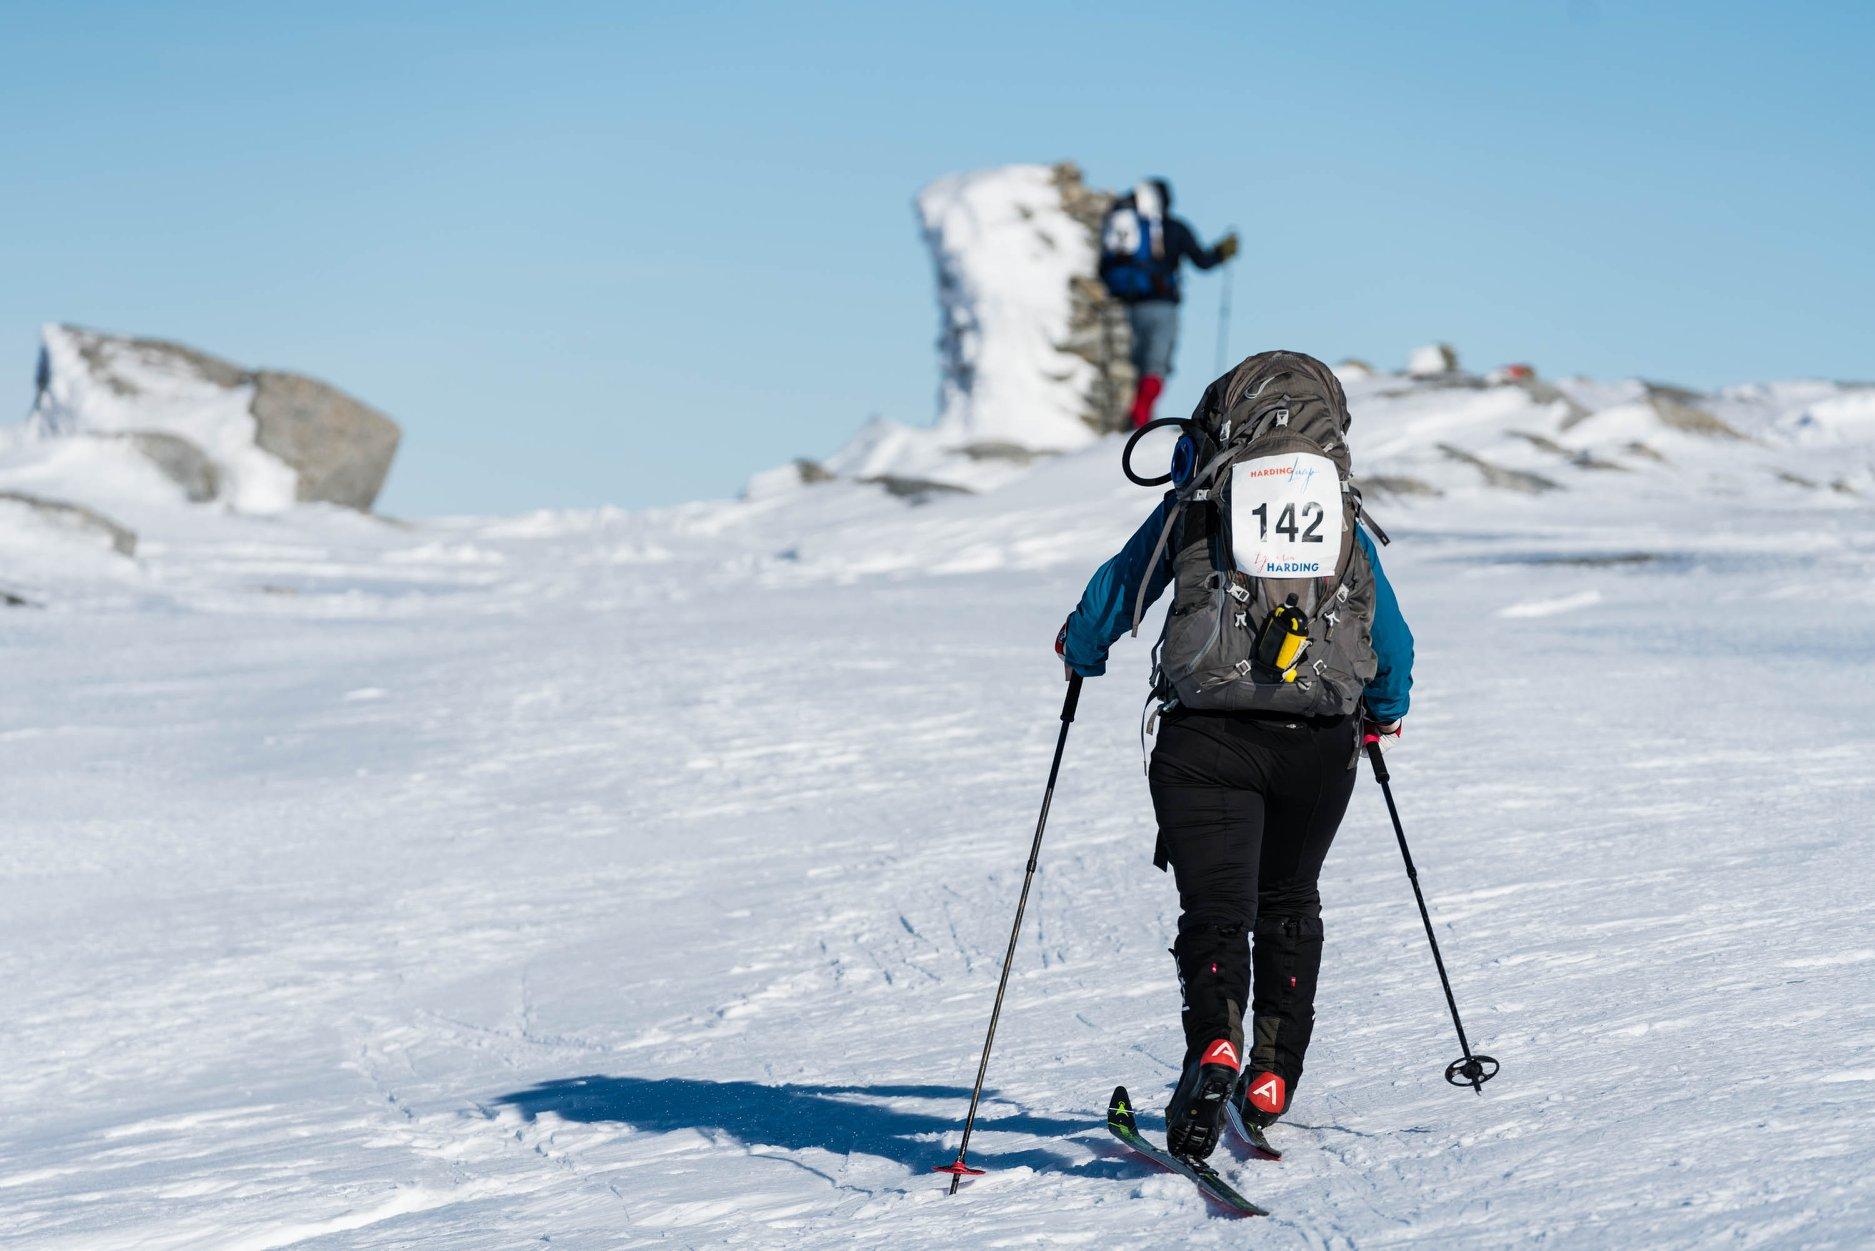 Strenge krav til deltakarar, crew og arrangørar av Hardinglaup. Foto: Høyde media